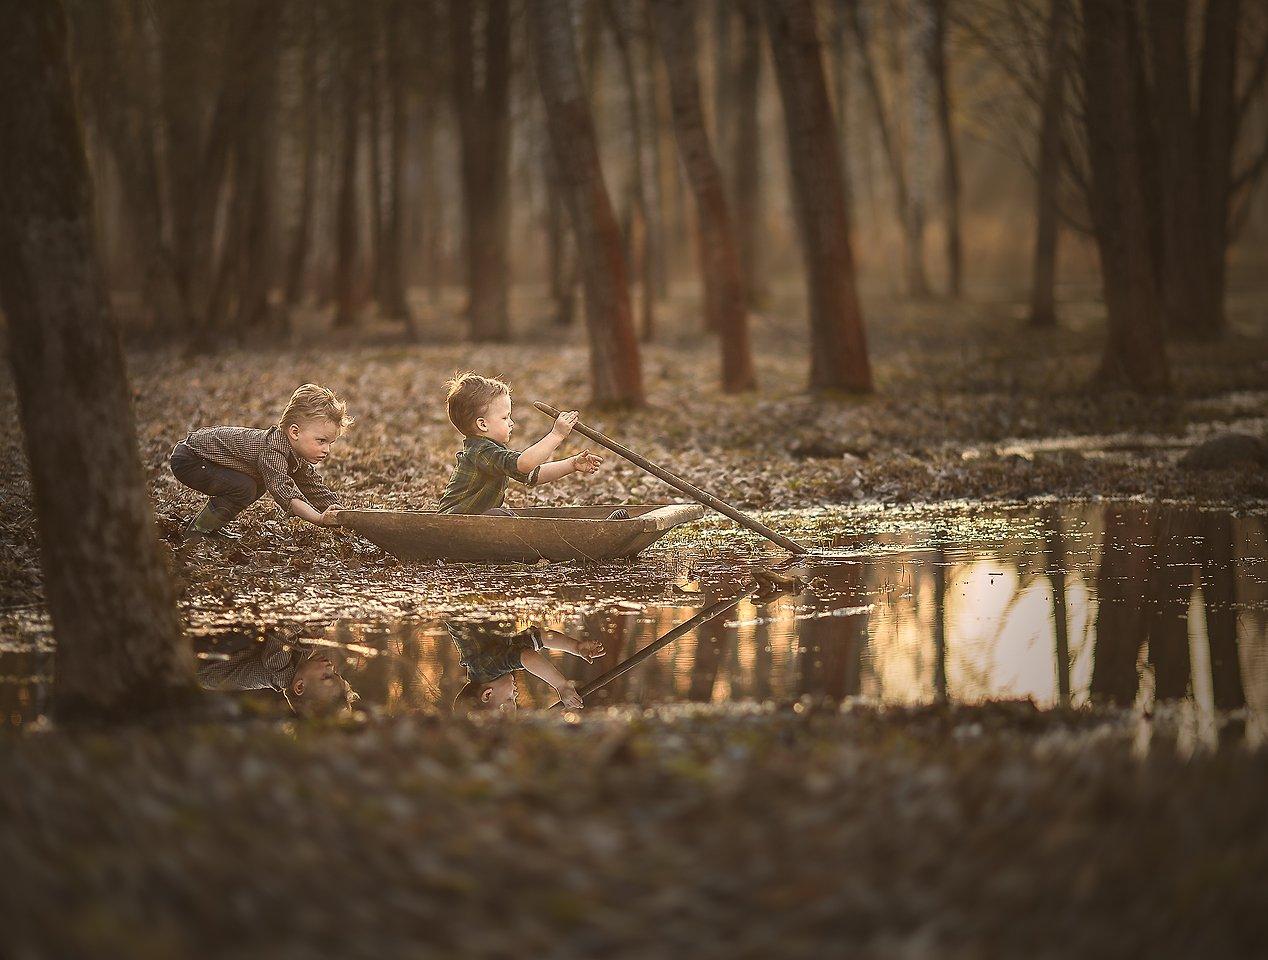 детство, природа, красота, озеро, приключения, свет, солнце, Алёна Алешкевич